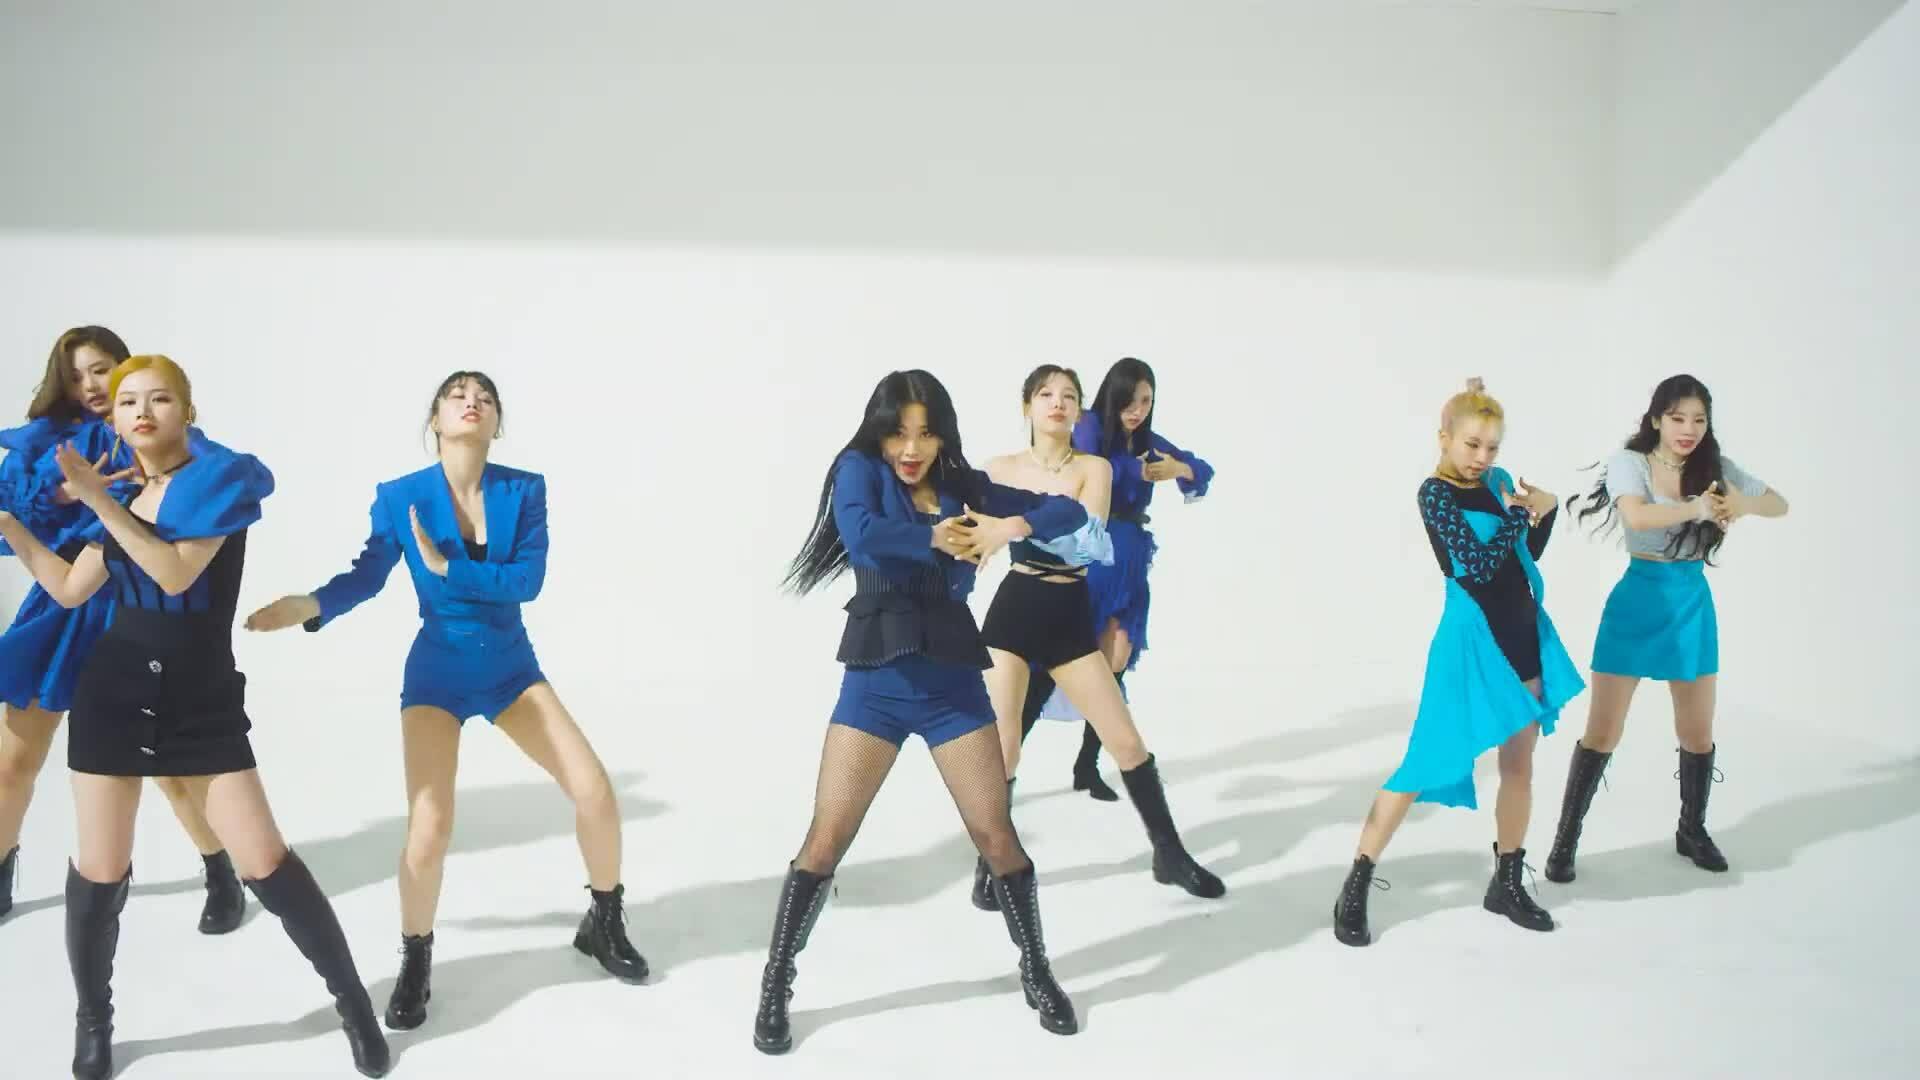 Twice khoe body 'mướt mắt' trong video vũ đạo 'Kura Kura'